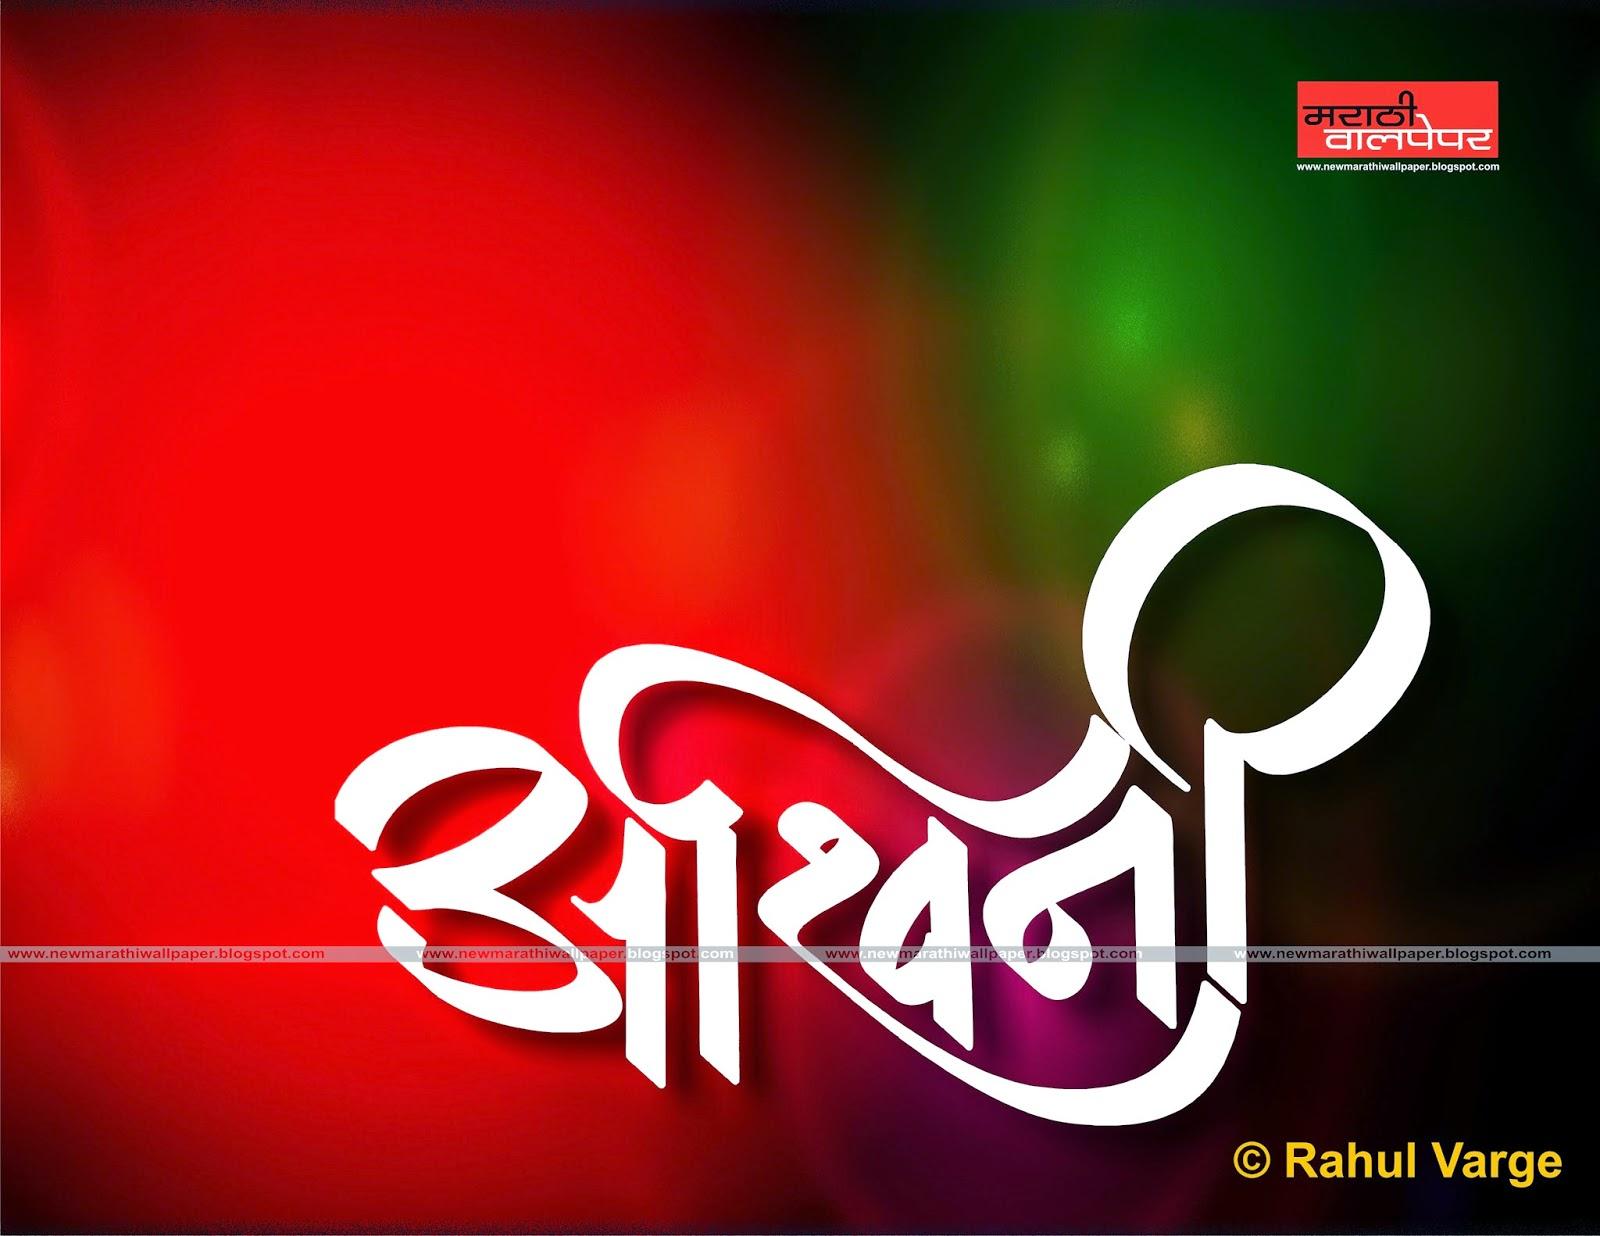 Hd Wallpapers Name Rahul  Wallpapershareecom